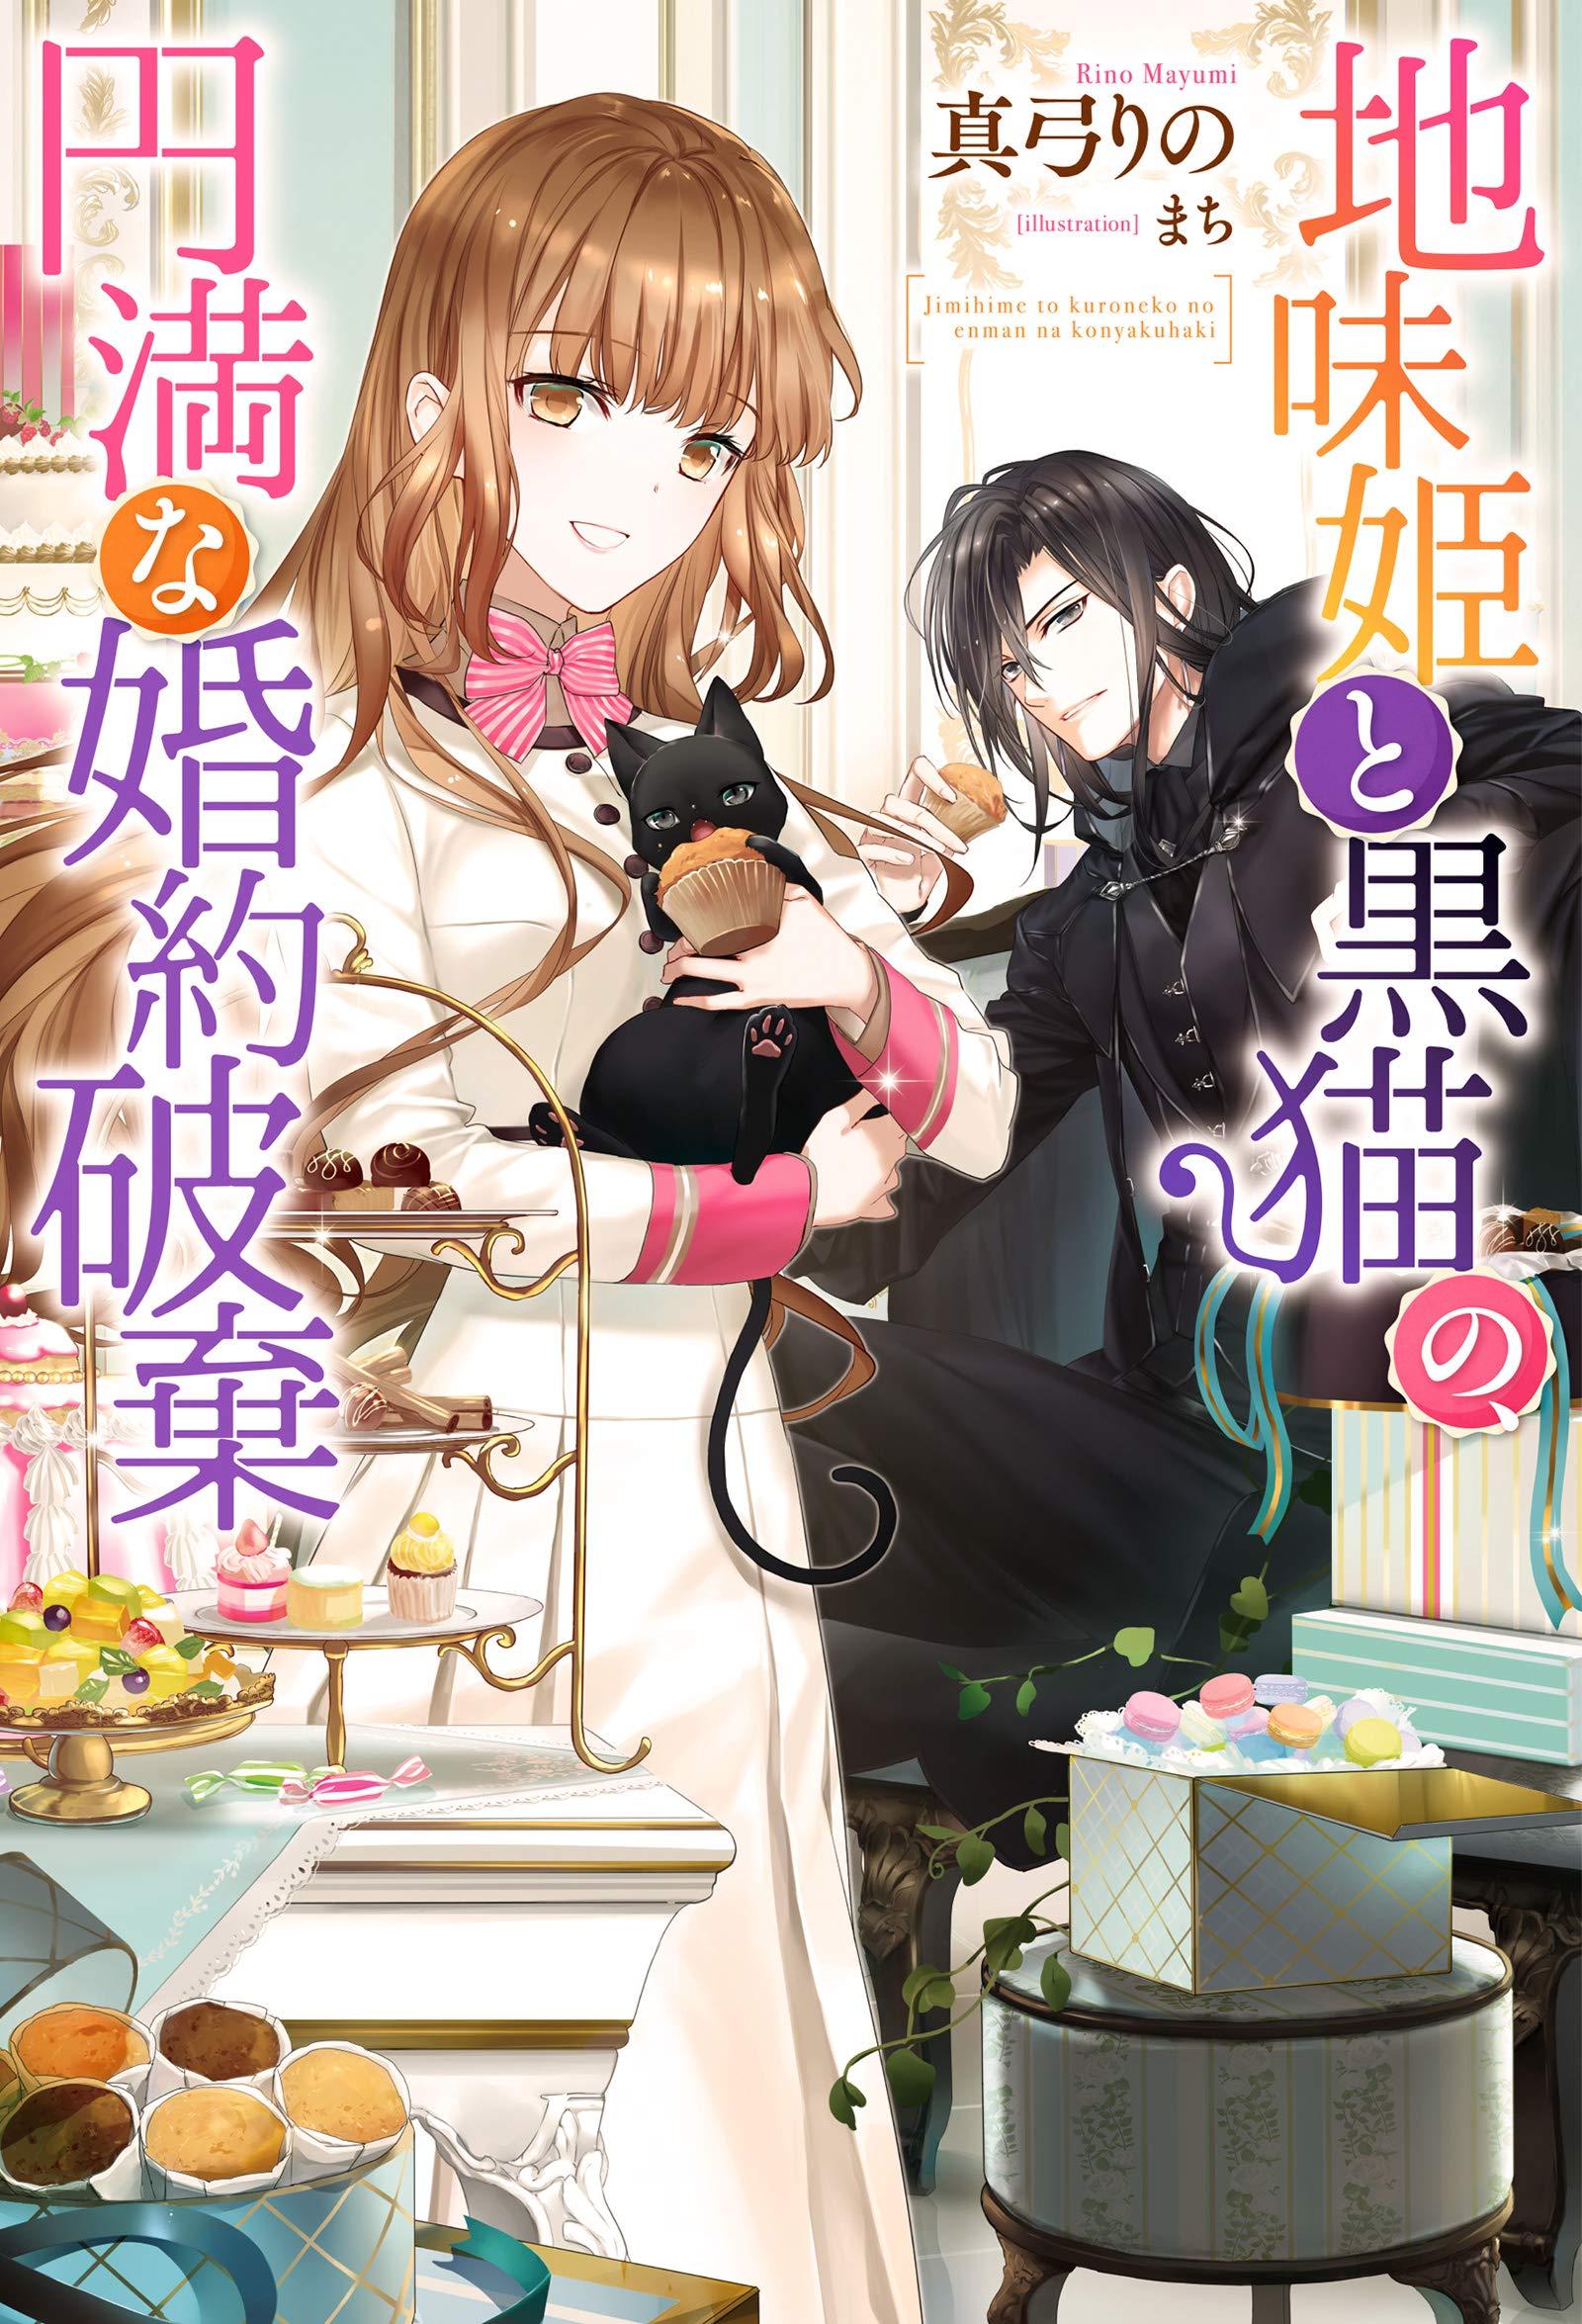 地味 姫 と 黒 猫 の 婚約 破棄 地味姫と黒猫の、円満な婚約破棄 (Mノベルスf)